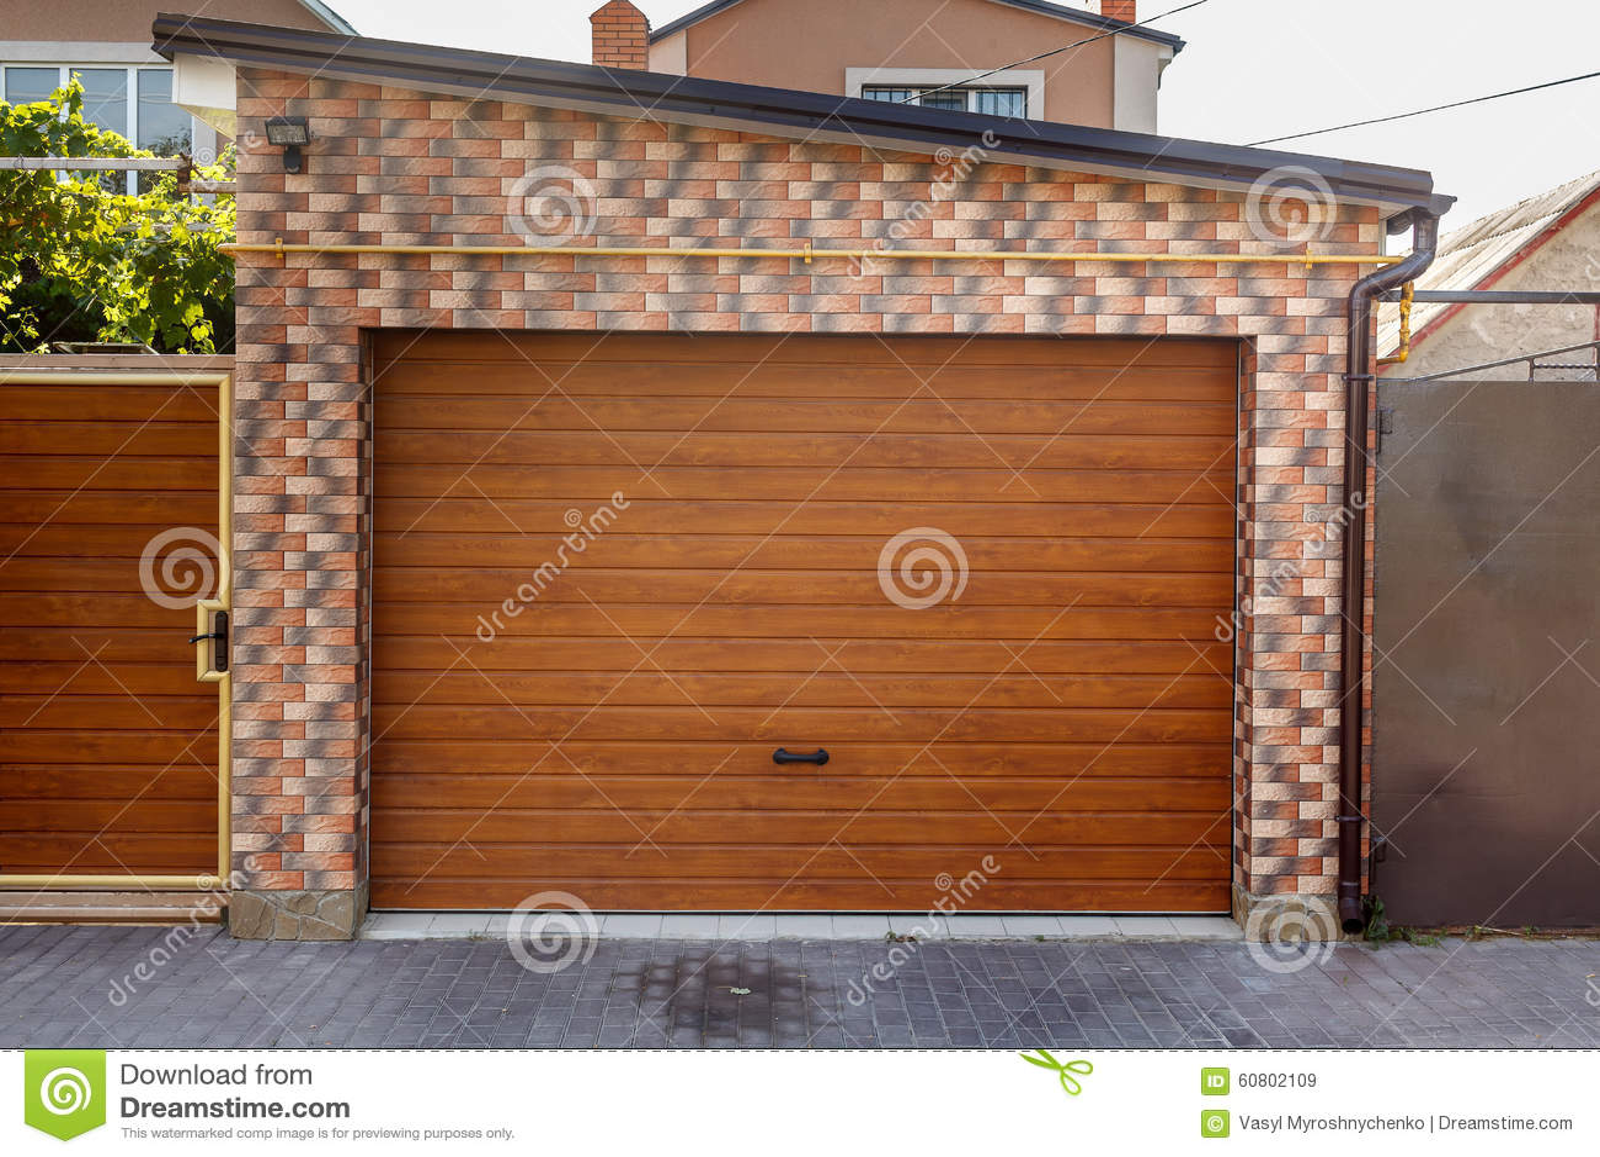 Porta de madeira da garagem com fundo colorido da parede de tijolo